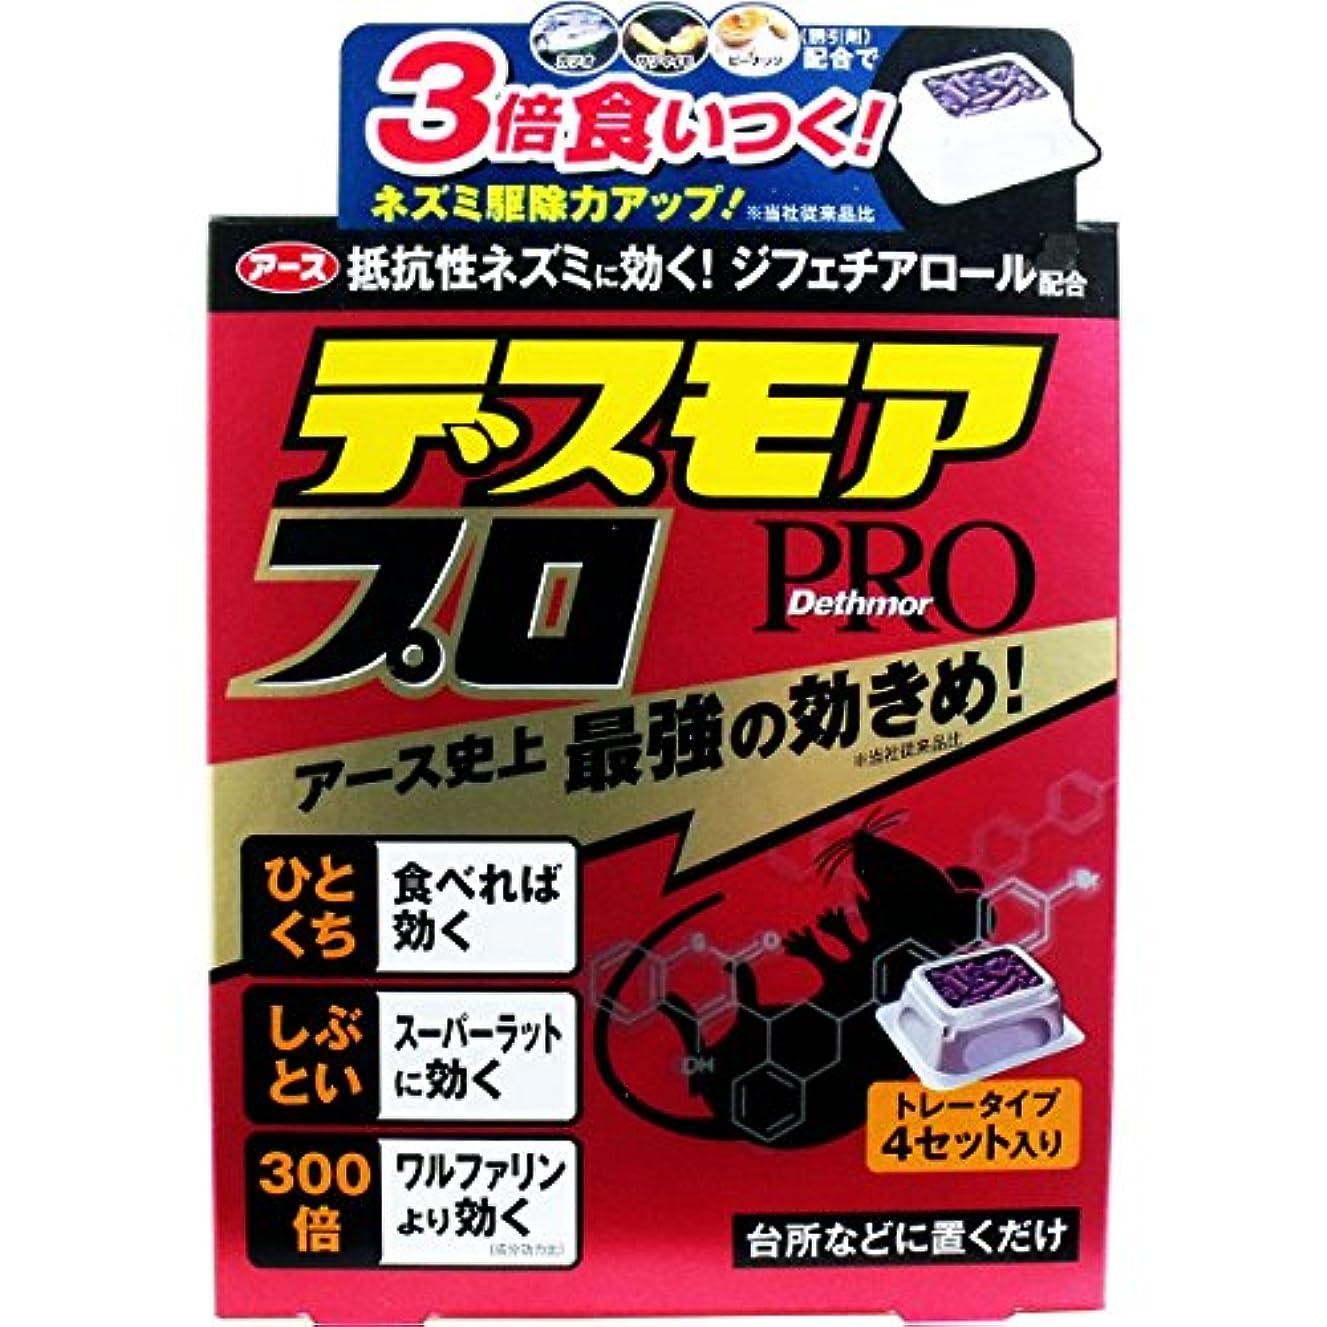 ネズミ取り 1度食べれば効く 殺虫 アース デスモアプロ トレータイプ 4セット入